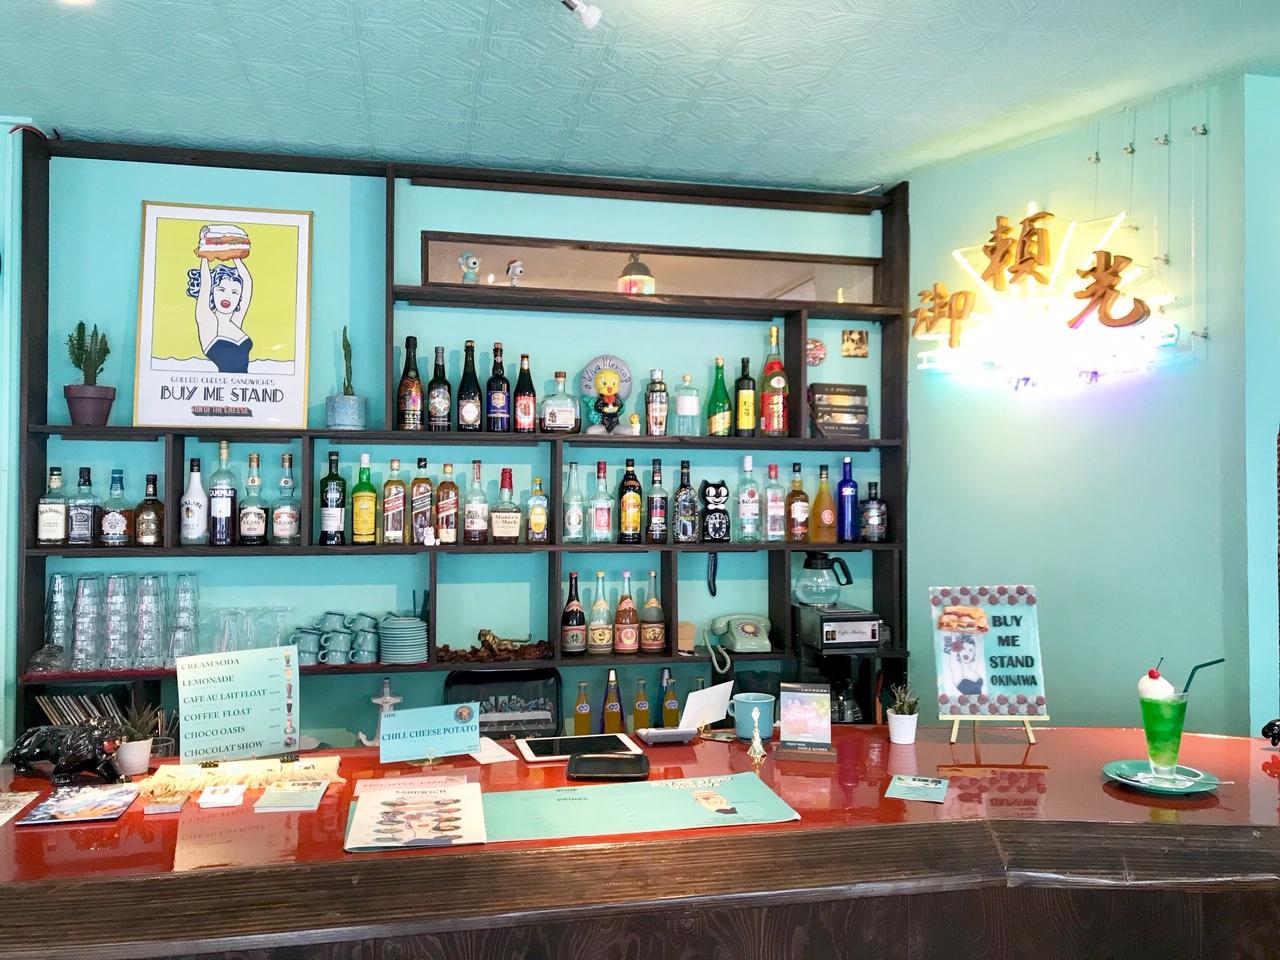 【沖縄女子旅】国際通りのかわいいカフェ♡ おしゃれスムージーと絶品サンドイッチのお店、教えます!_9